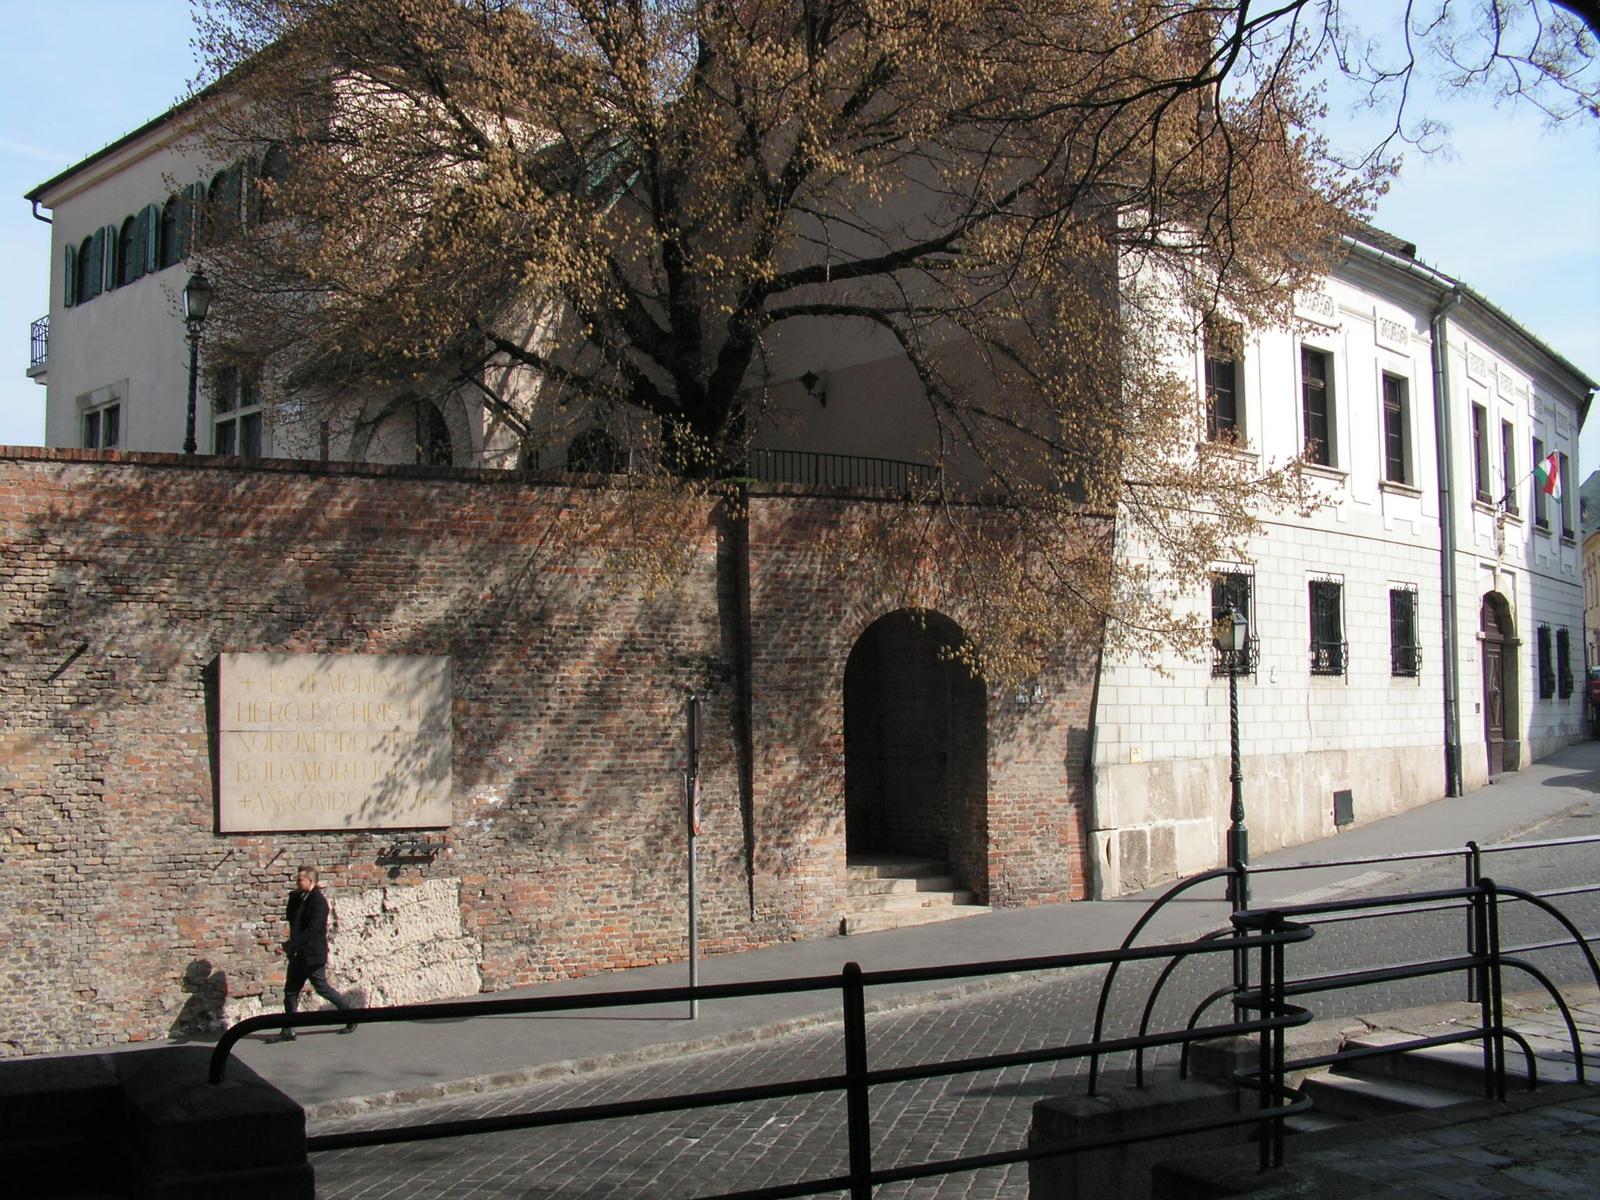 Budapest, a Budai várnegyed, a Bécsi-kapu tér, SzG3